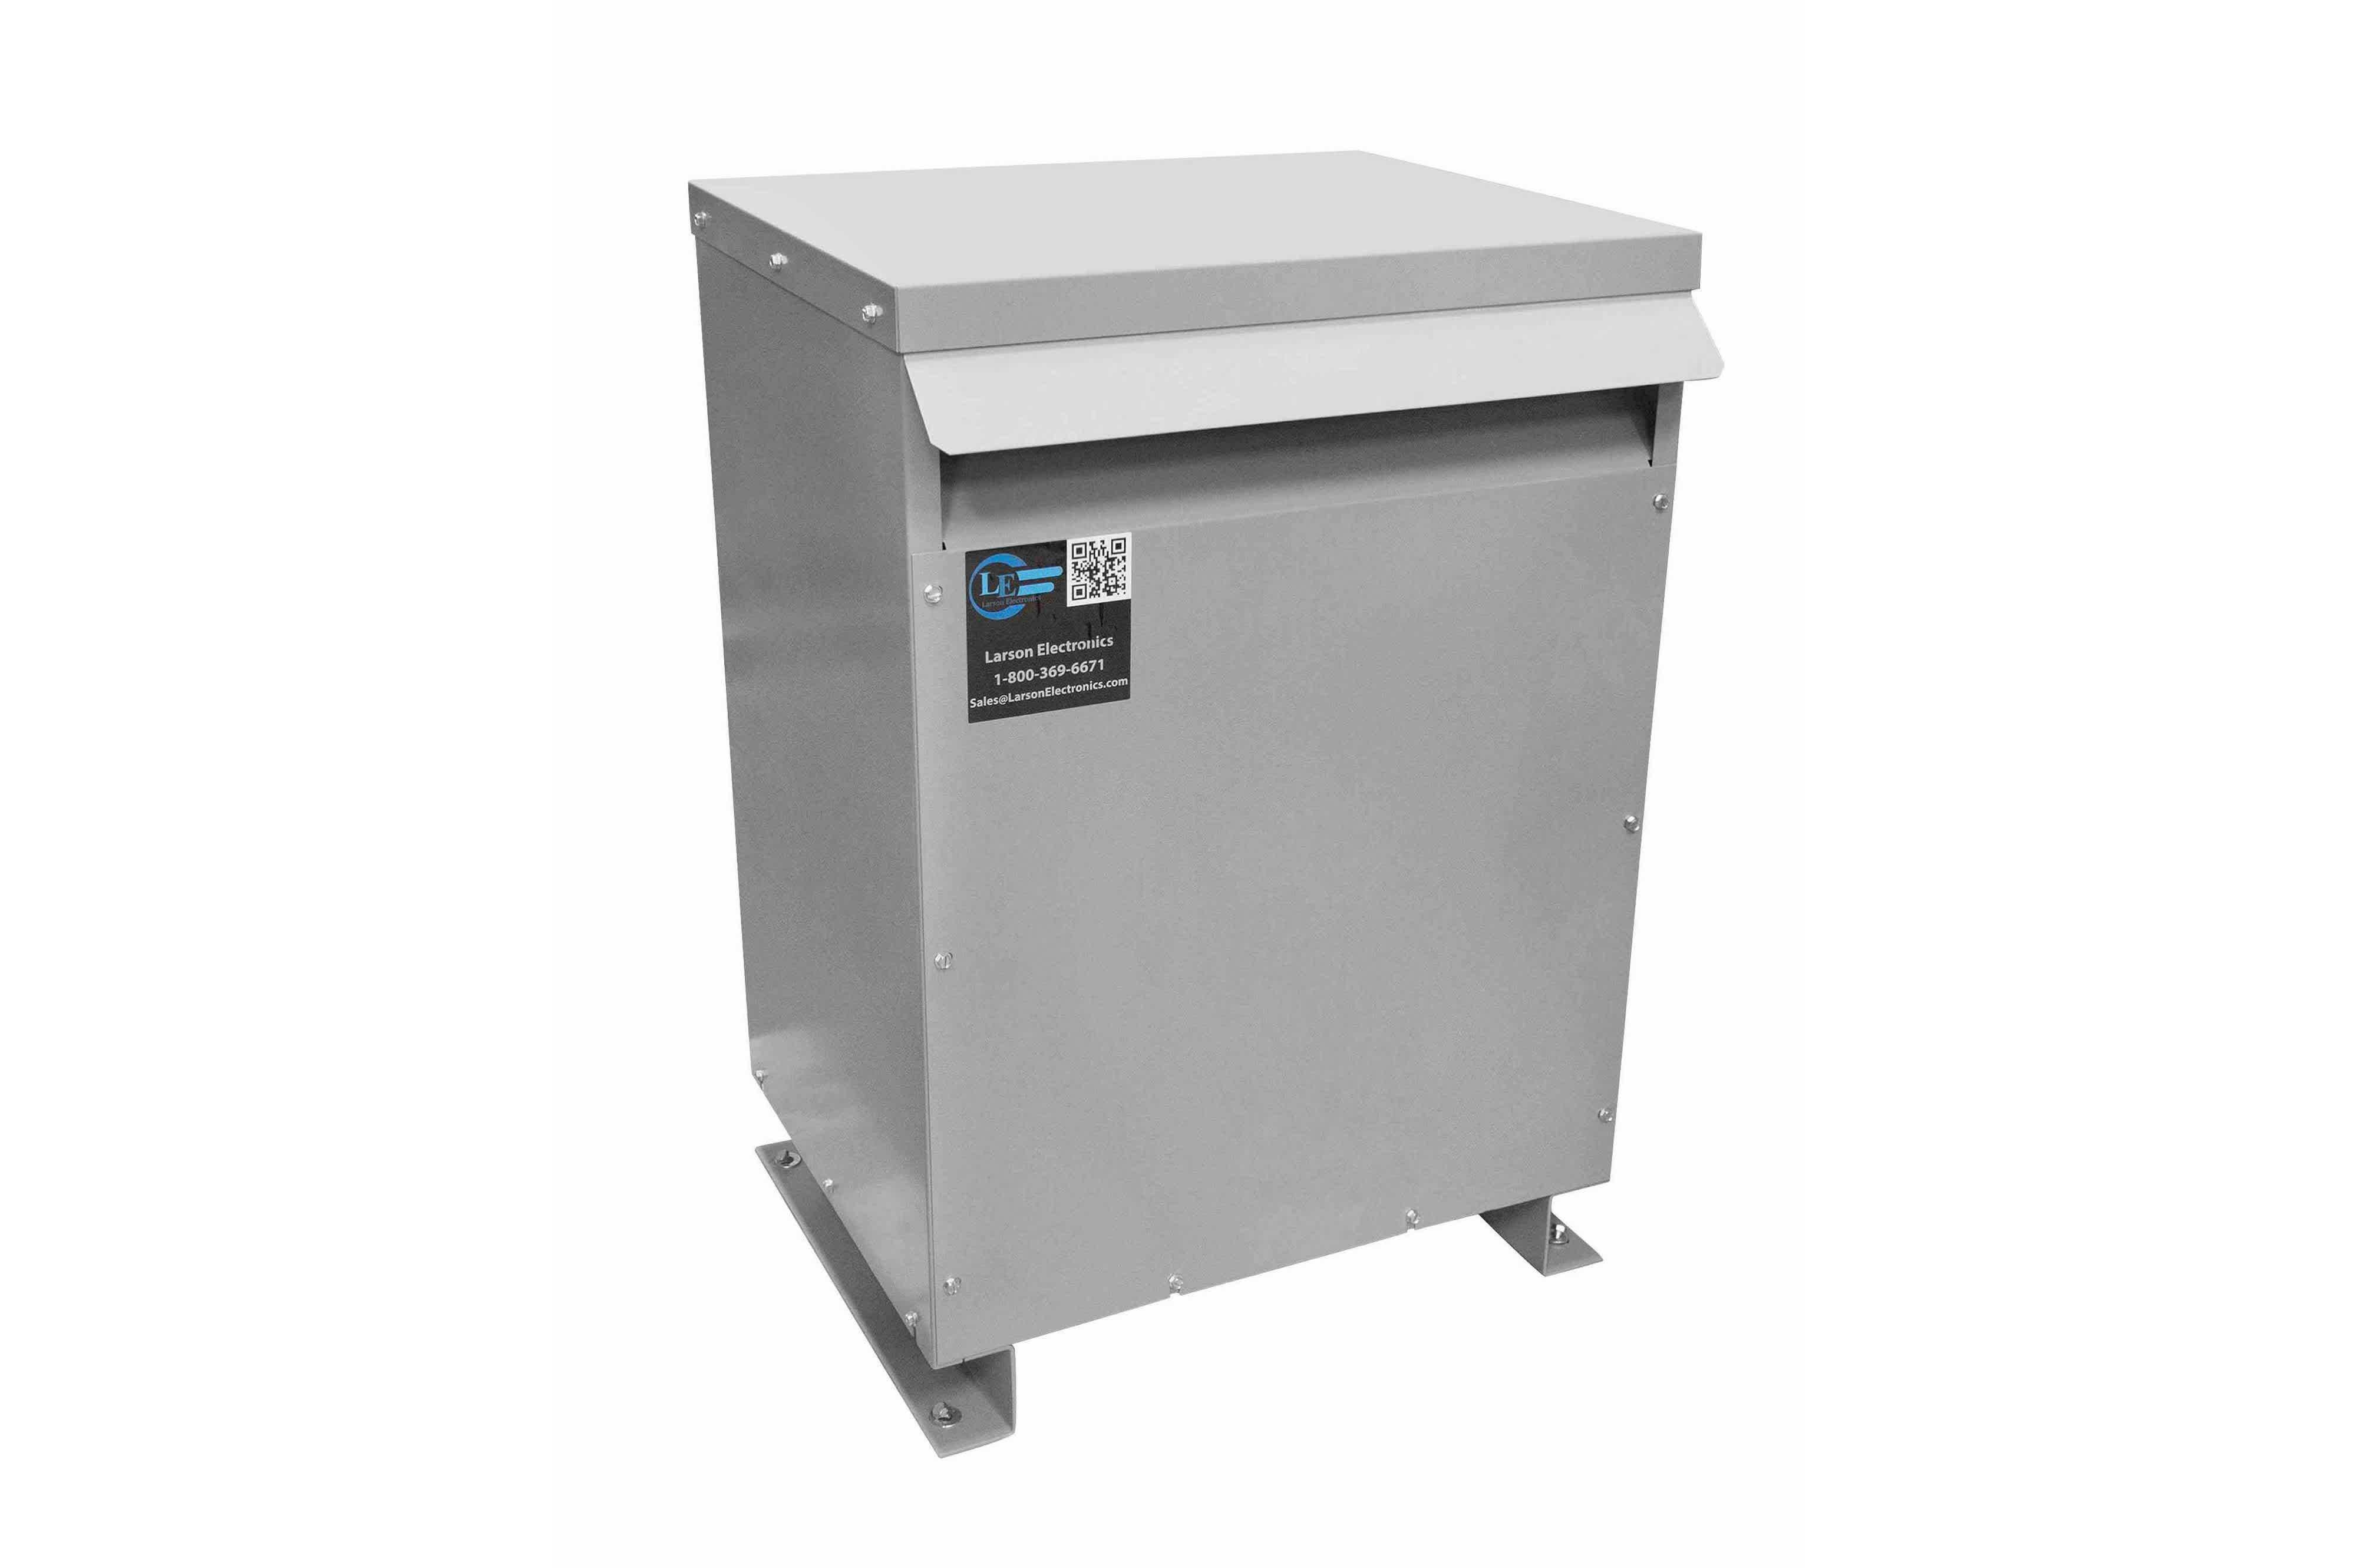 9 kVA 3PH Isolation Transformer, 208V Delta Primary, 240 Delta Secondary, N3R, Ventilated, 60 Hz